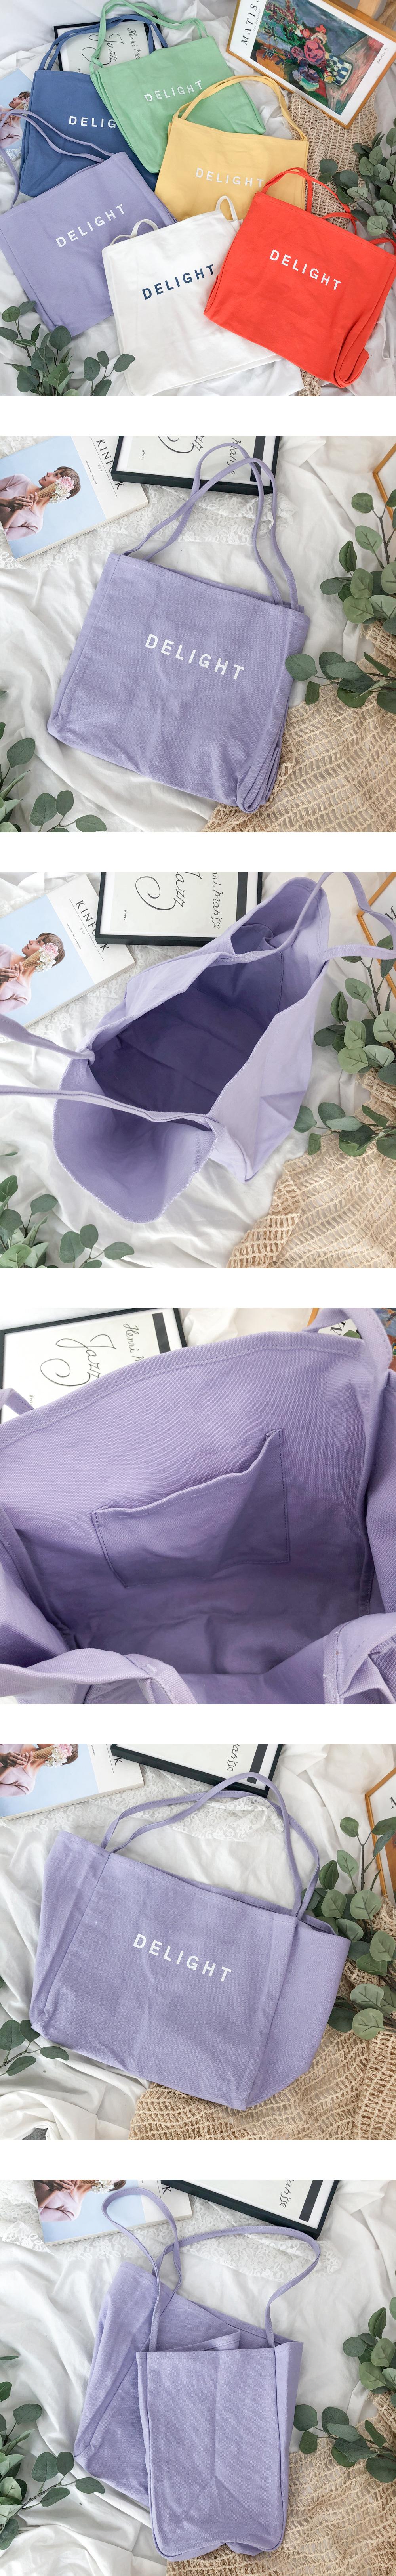 024 Big Size Shopper Eco Bag